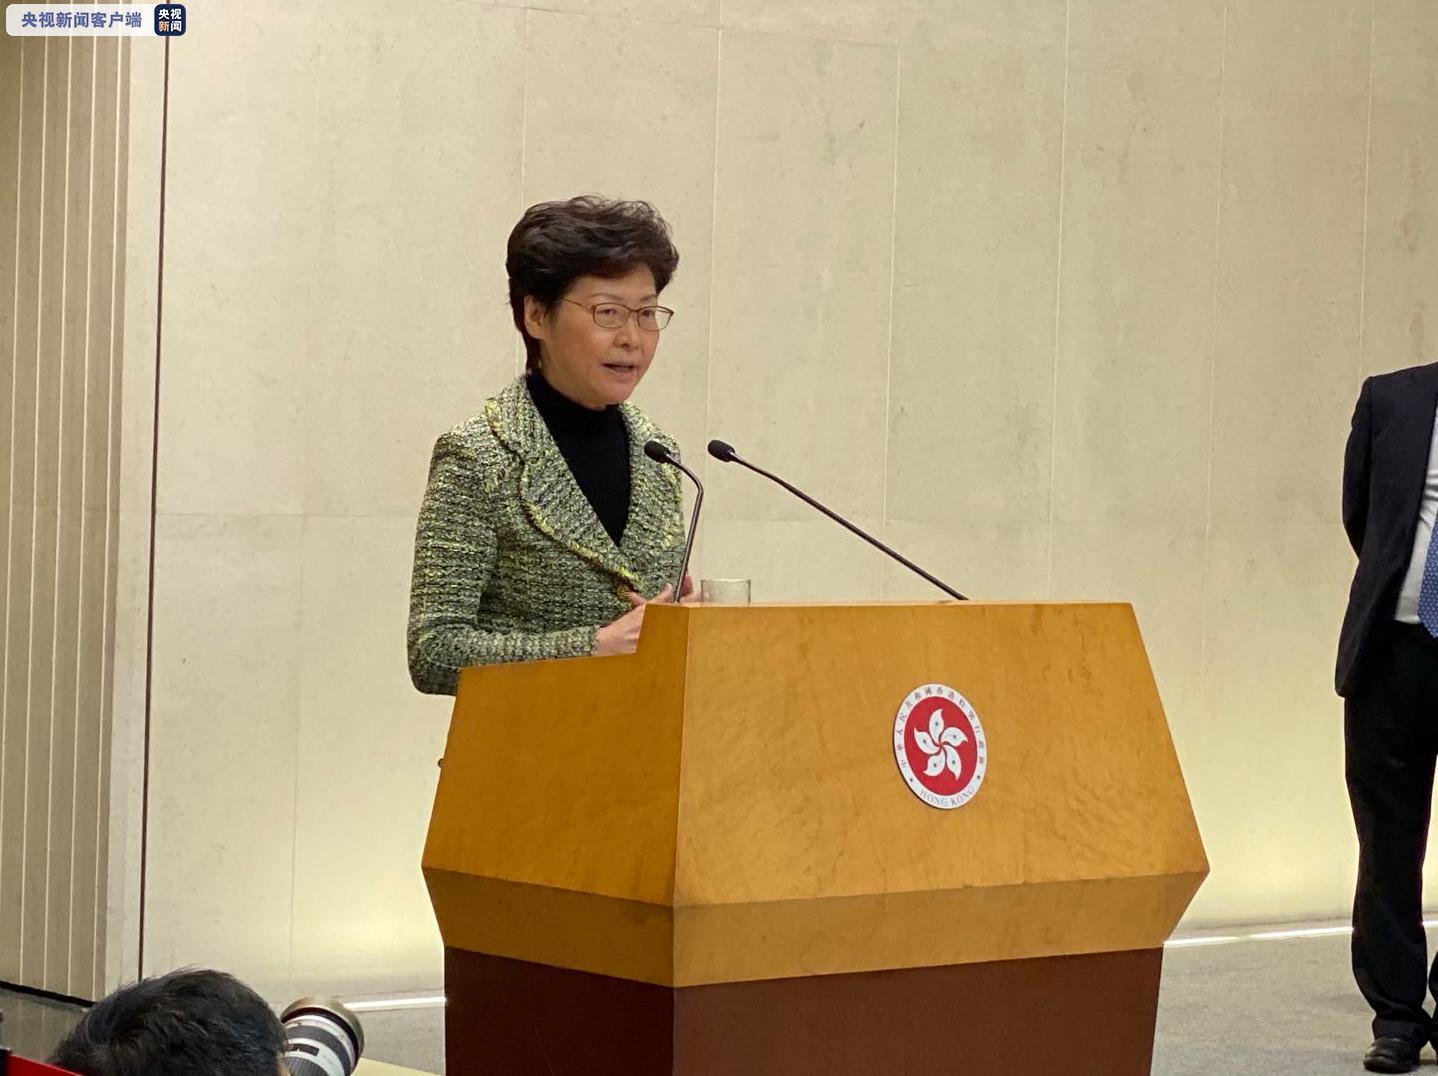 香港行政长官召开记者会:示威者想瘫痪香港 极为自私